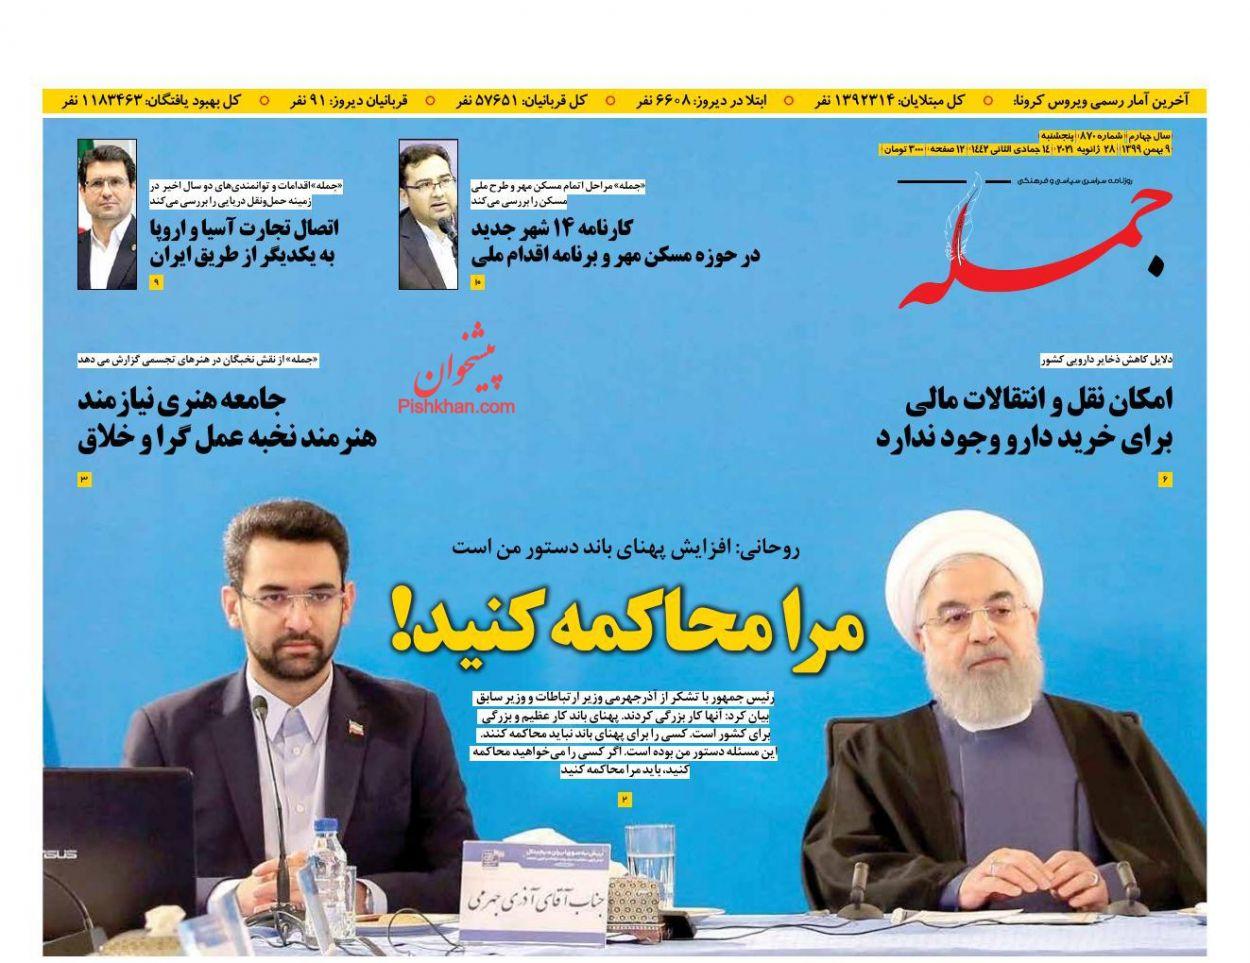 عناوین اخبار روزنامه جمله در روز پنجشنبه ۹ بهمن